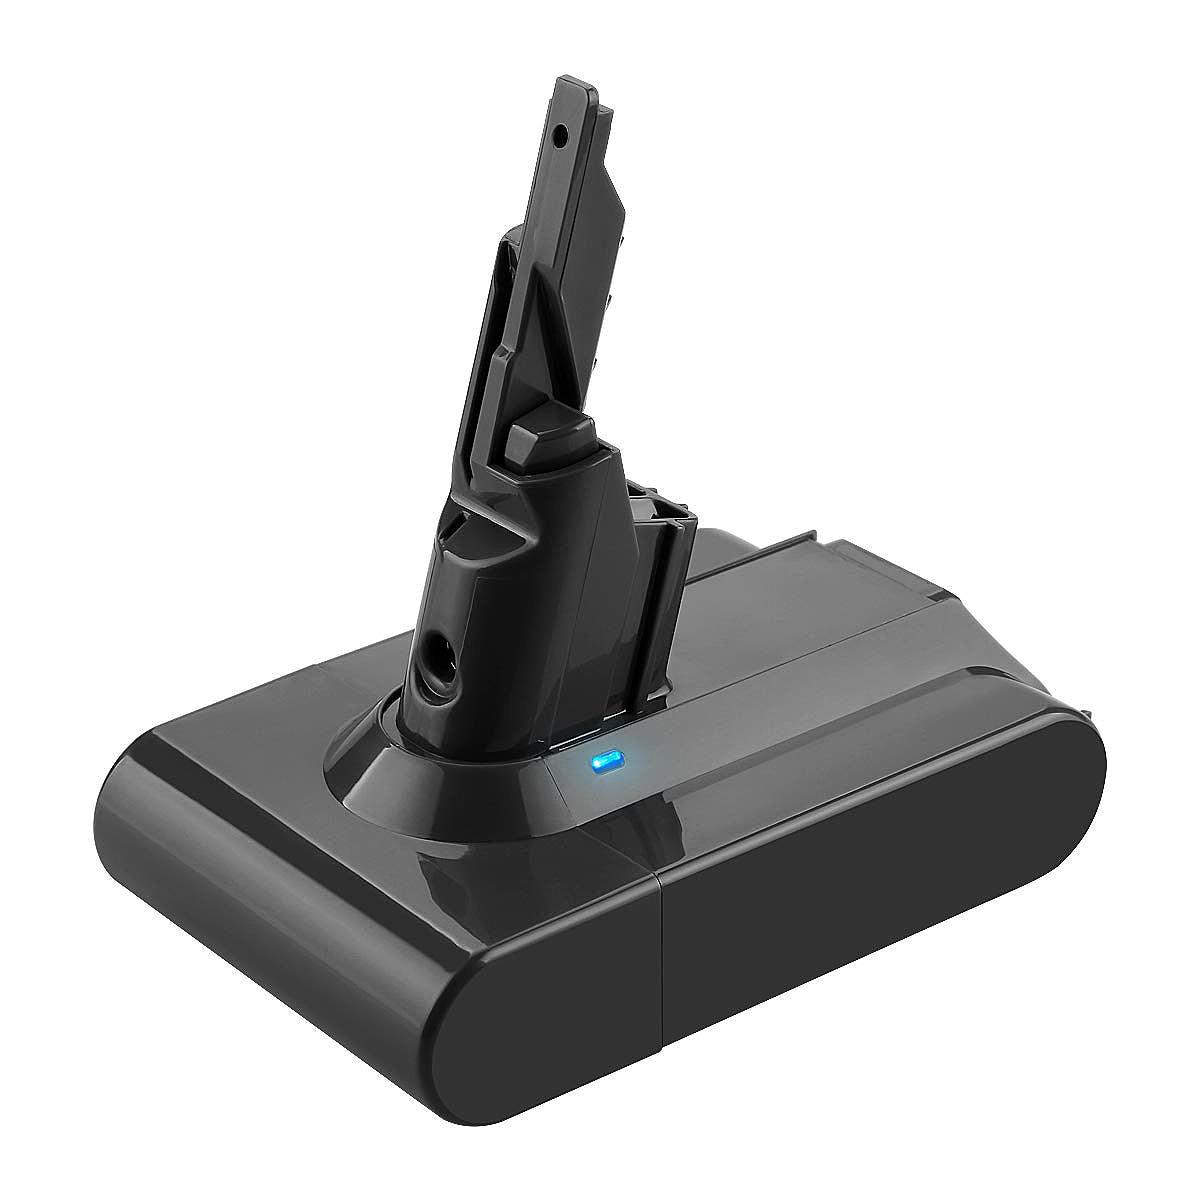 21.6V 3.0Ah Battery For Dyson V7 Li-Ion Battery M Otorhead Cordless Vacuum Cleaner For Dyson V7 Animal Cordless Stick Vacuum C21.6V 3.0Ah Battery For Dyson V7 Li-Ion Battery M Otorhead Cordless Vacuum Cleaner For Dyson V7 Animal Cordless Stick Vacuum C